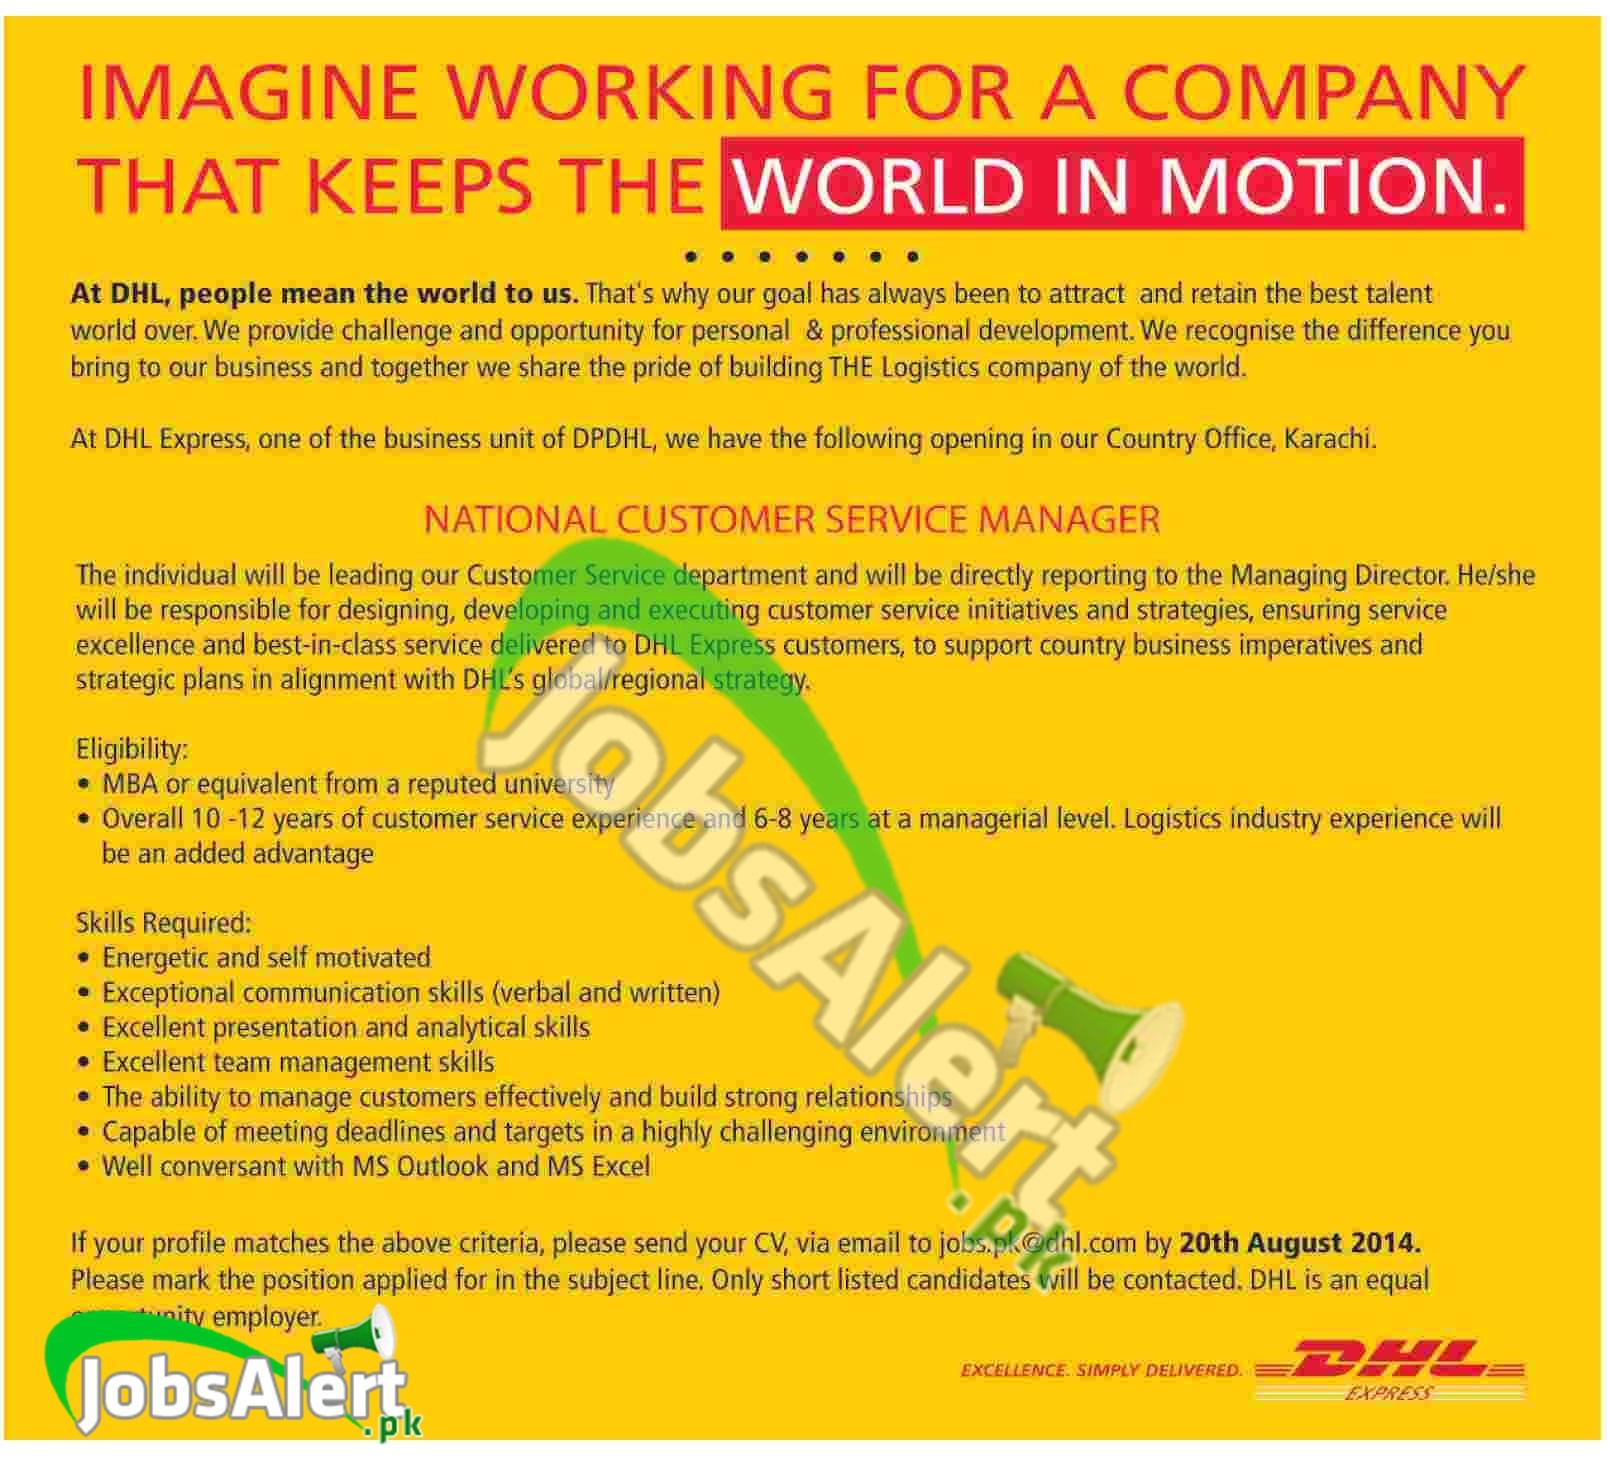 dhl express jobs opportunities apply online